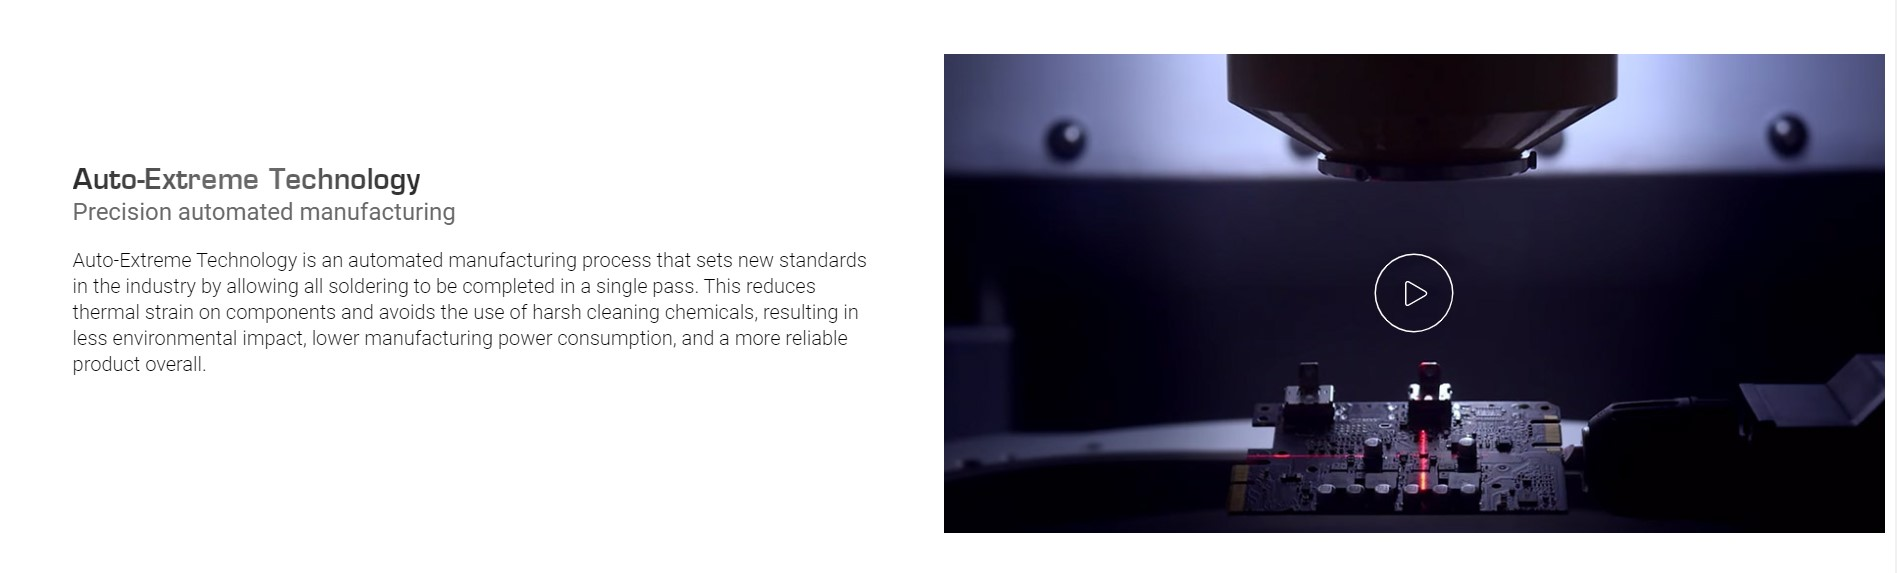 Card màn hình Asus KO-RTX 3060-O12G-GAMING